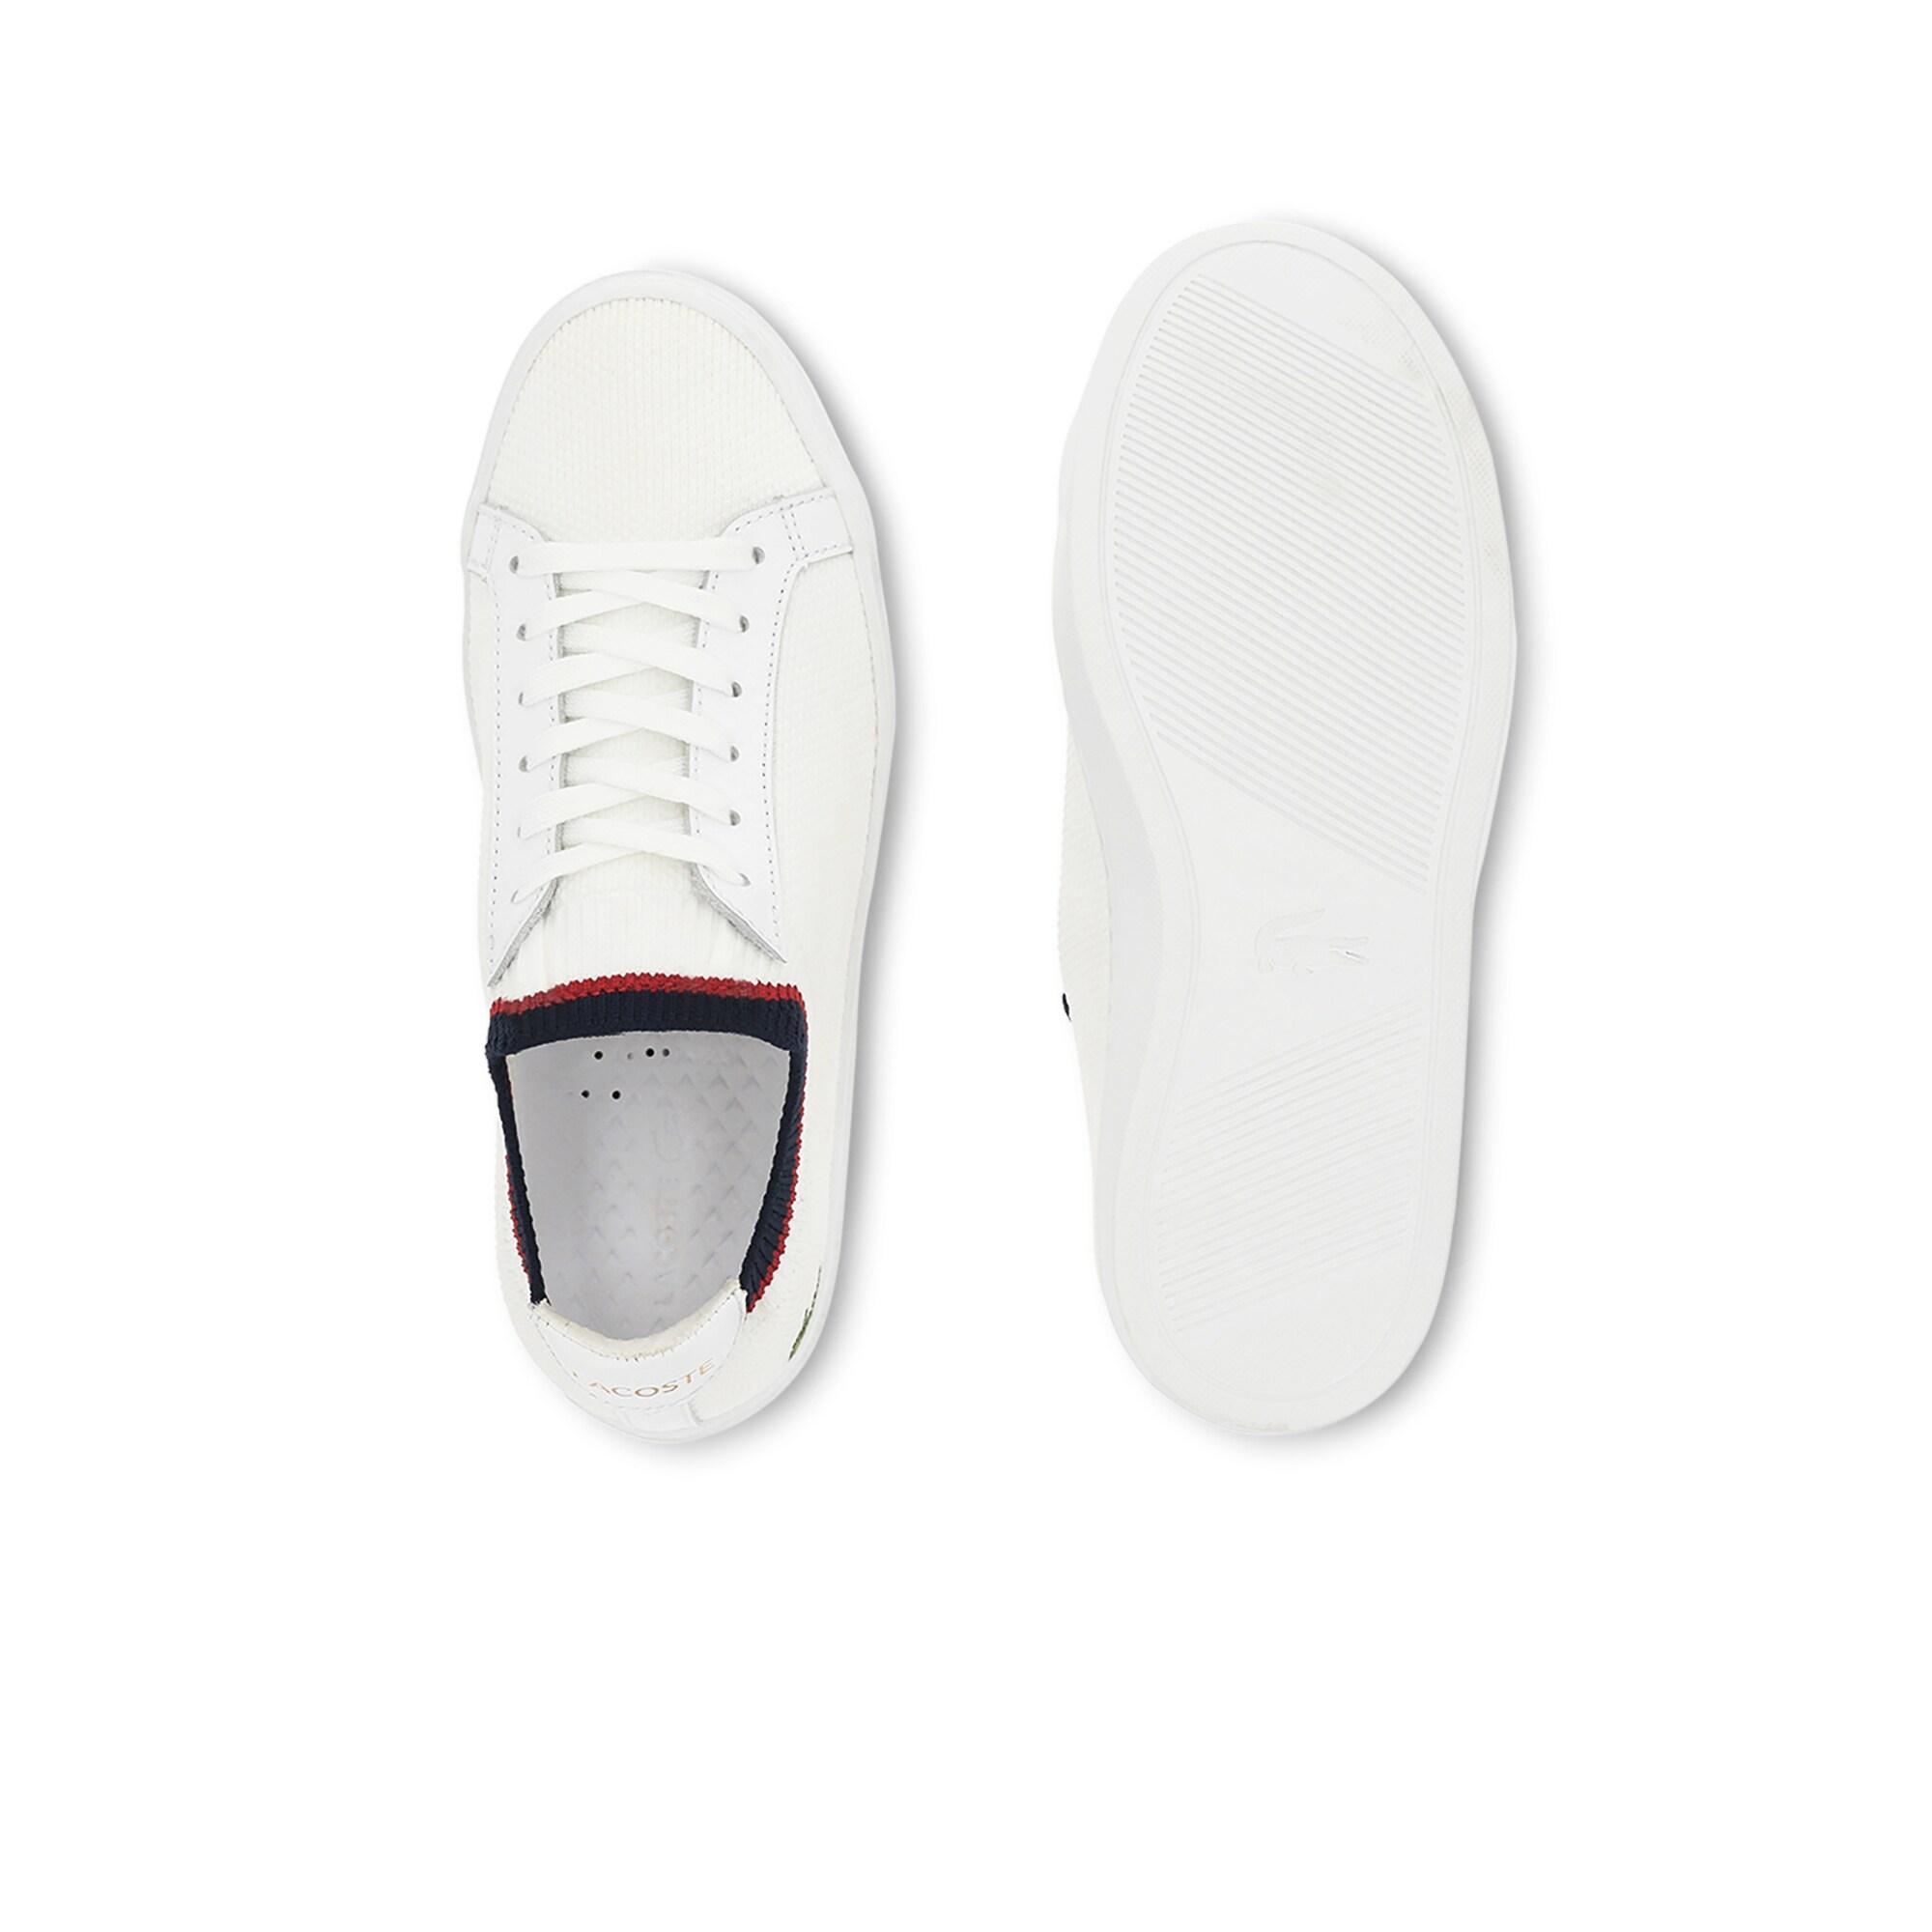 Lacoste La Piquee 119 1 Damskie Sneakersy